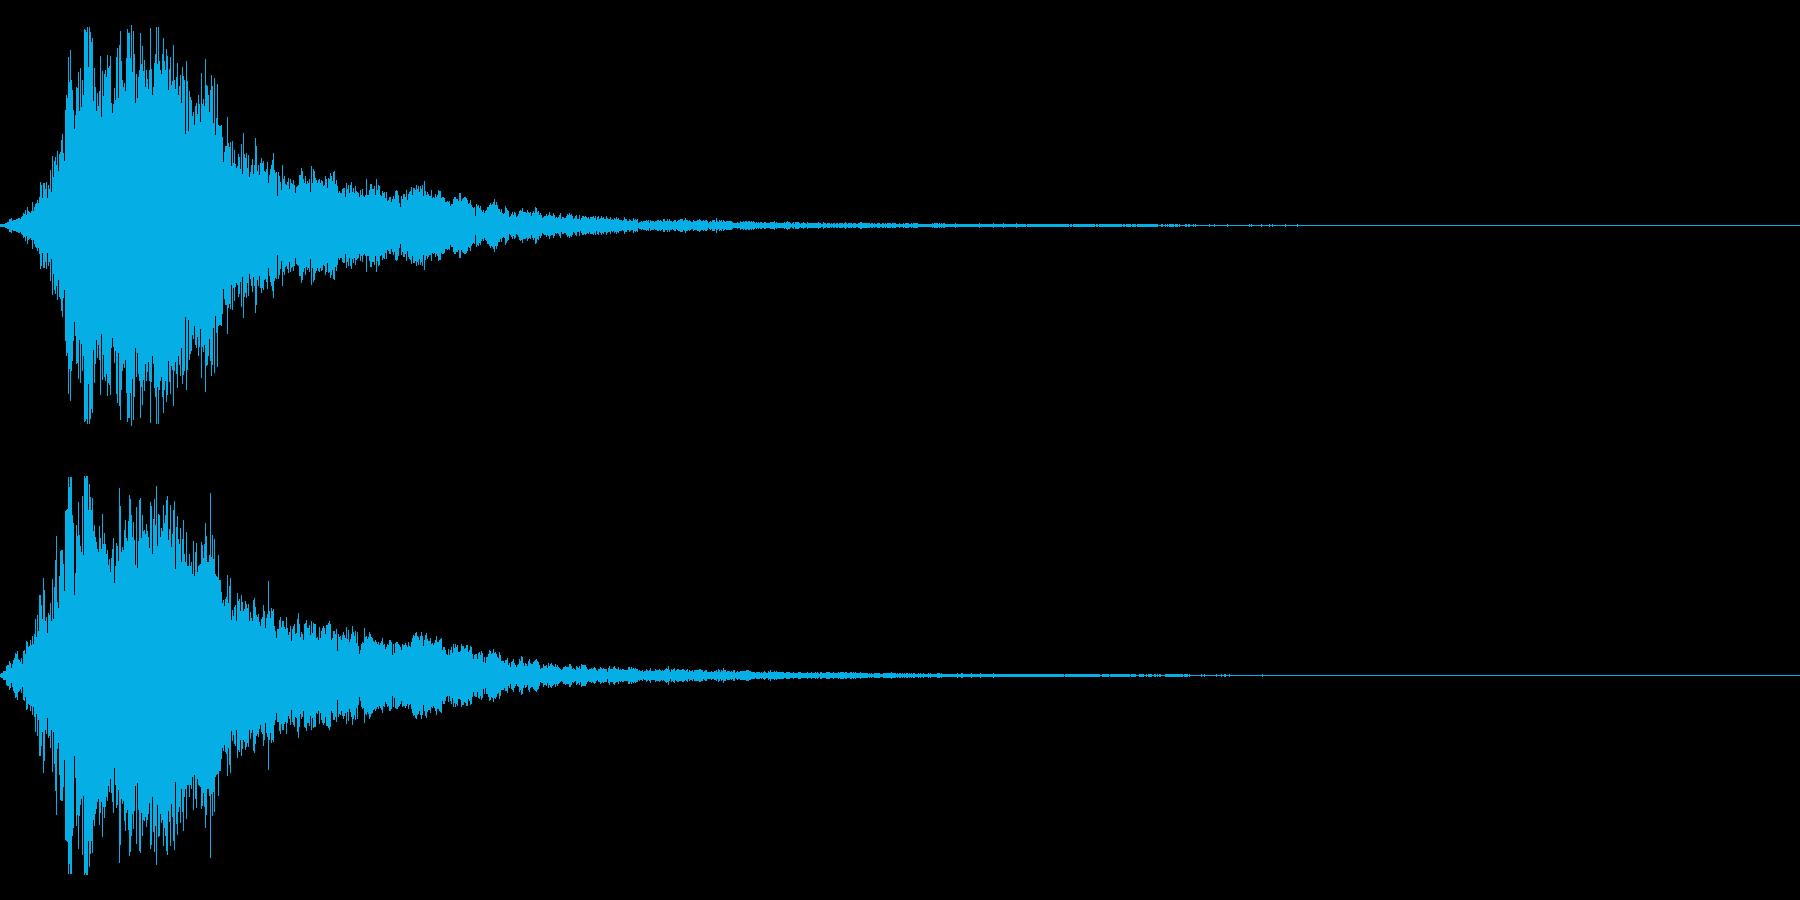 シャキーン!勢いのあるインパクト音03cの再生済みの波形